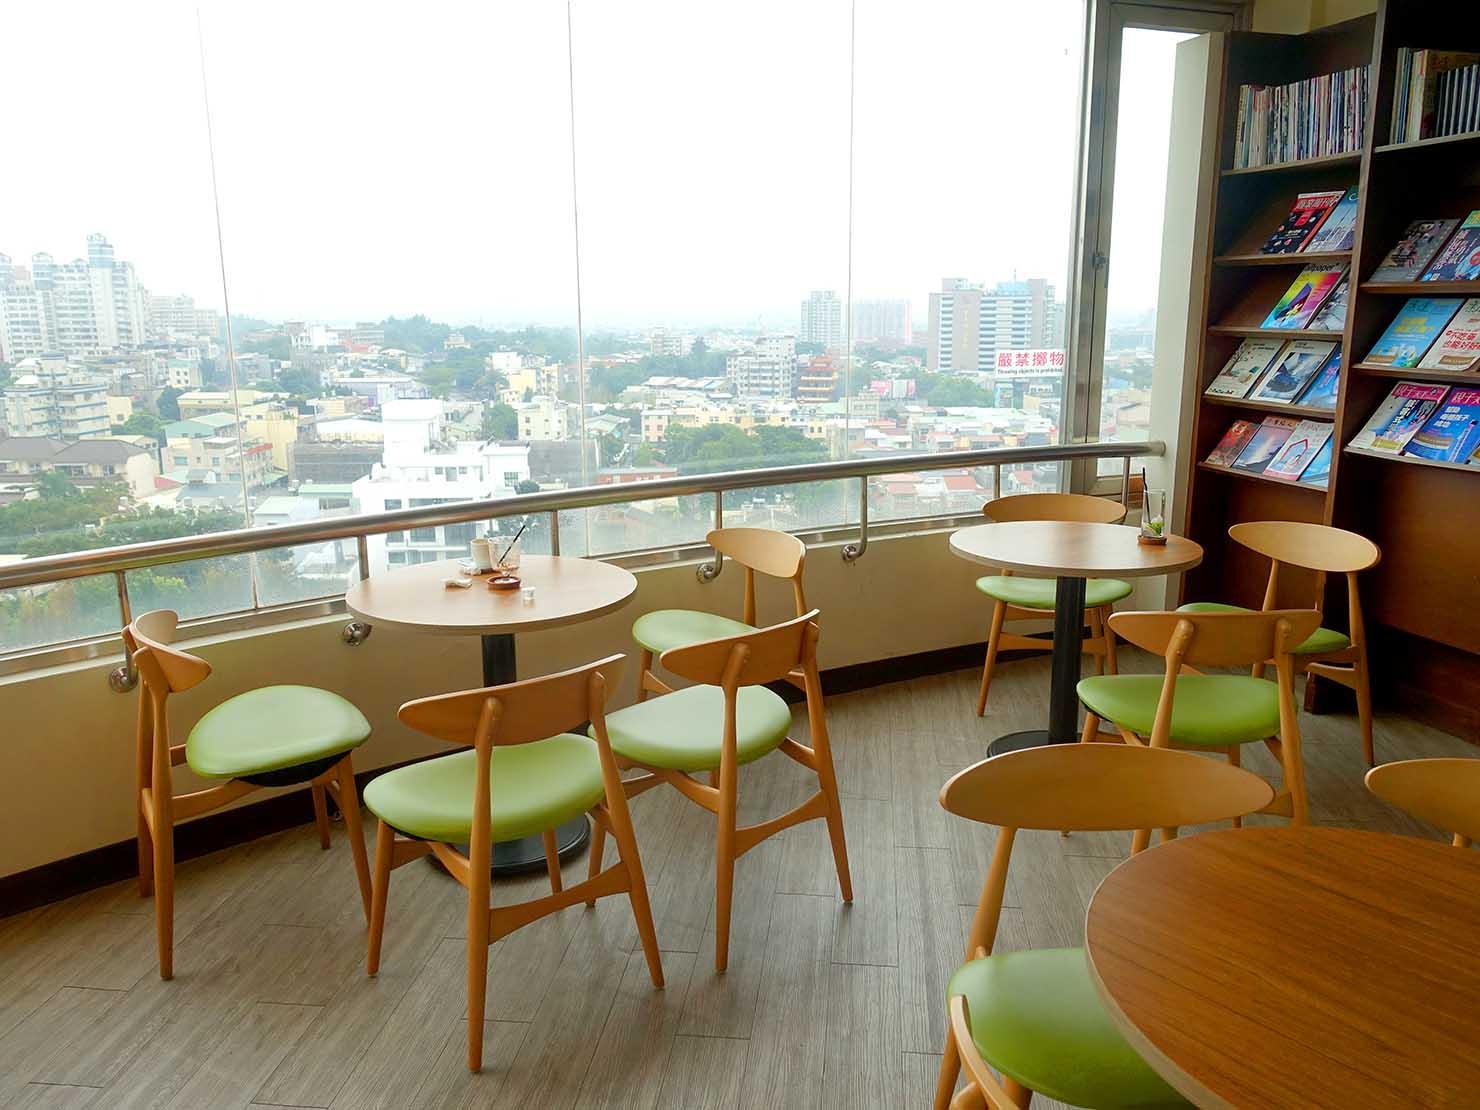 嘉義のおすすめ観光スポット「射日塔」のカフェから望む嘉義市内